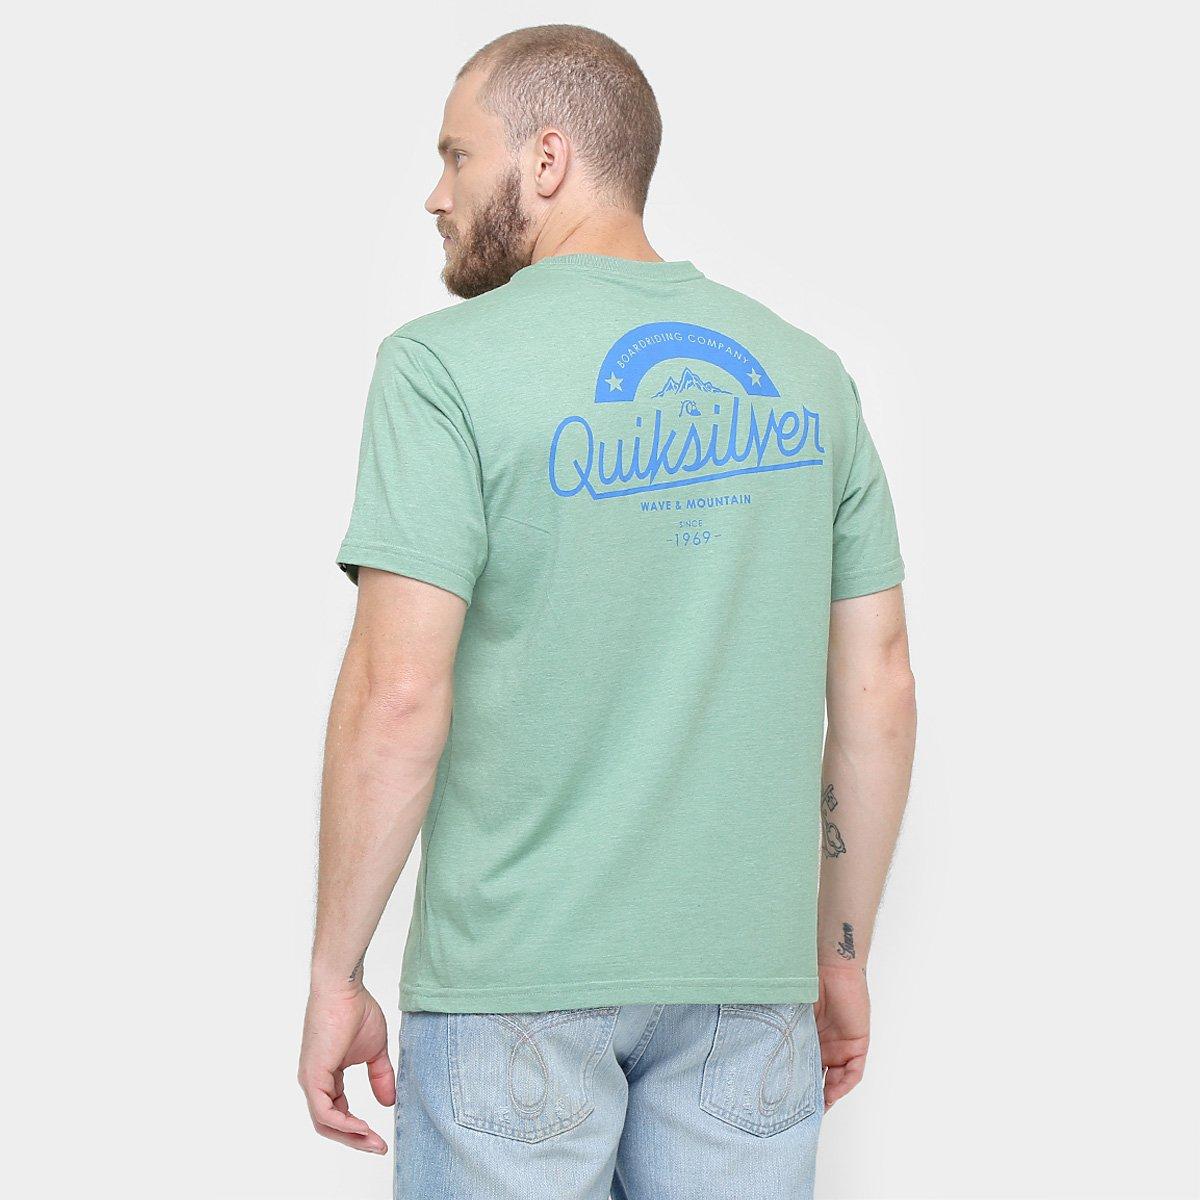 Camiseta Quiksilver Básica Boarding Company  Camiseta Quiksilver Básica  Boarding Company ... f141f631435b0